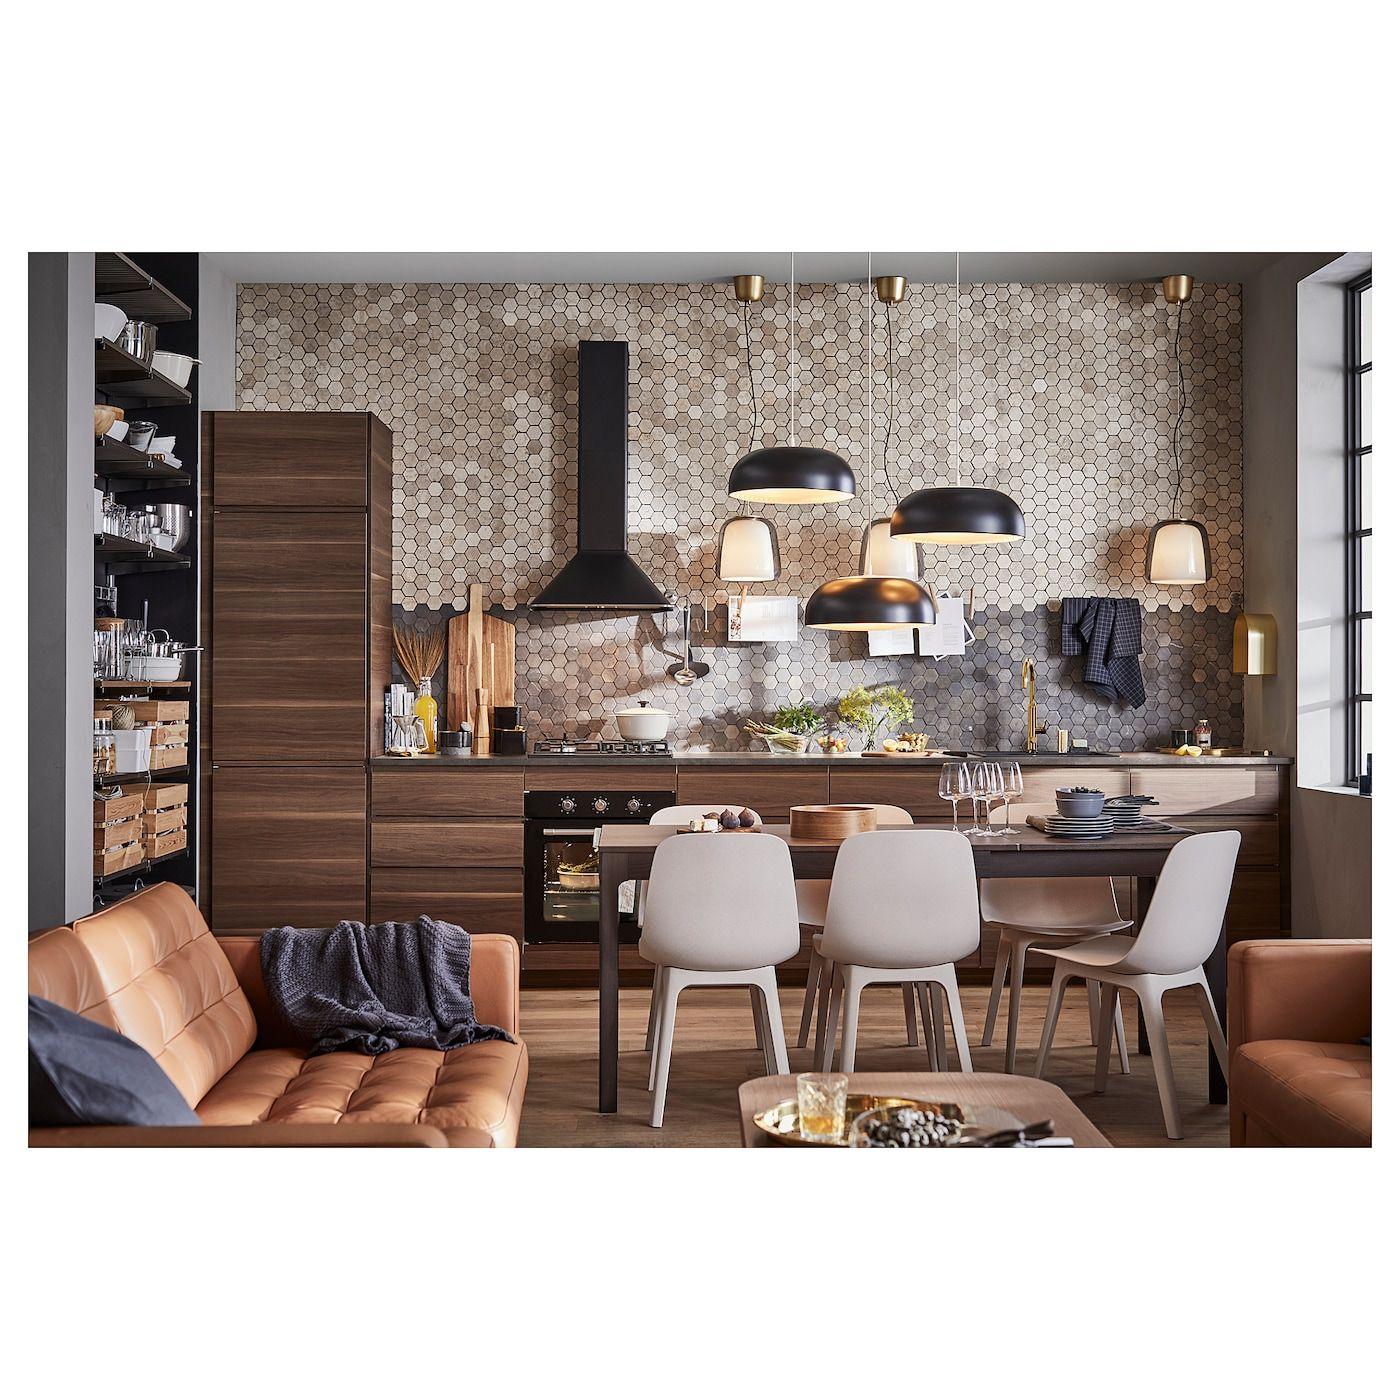 Ikea Ekbacken Countertop In 2020 Laminate Countertops